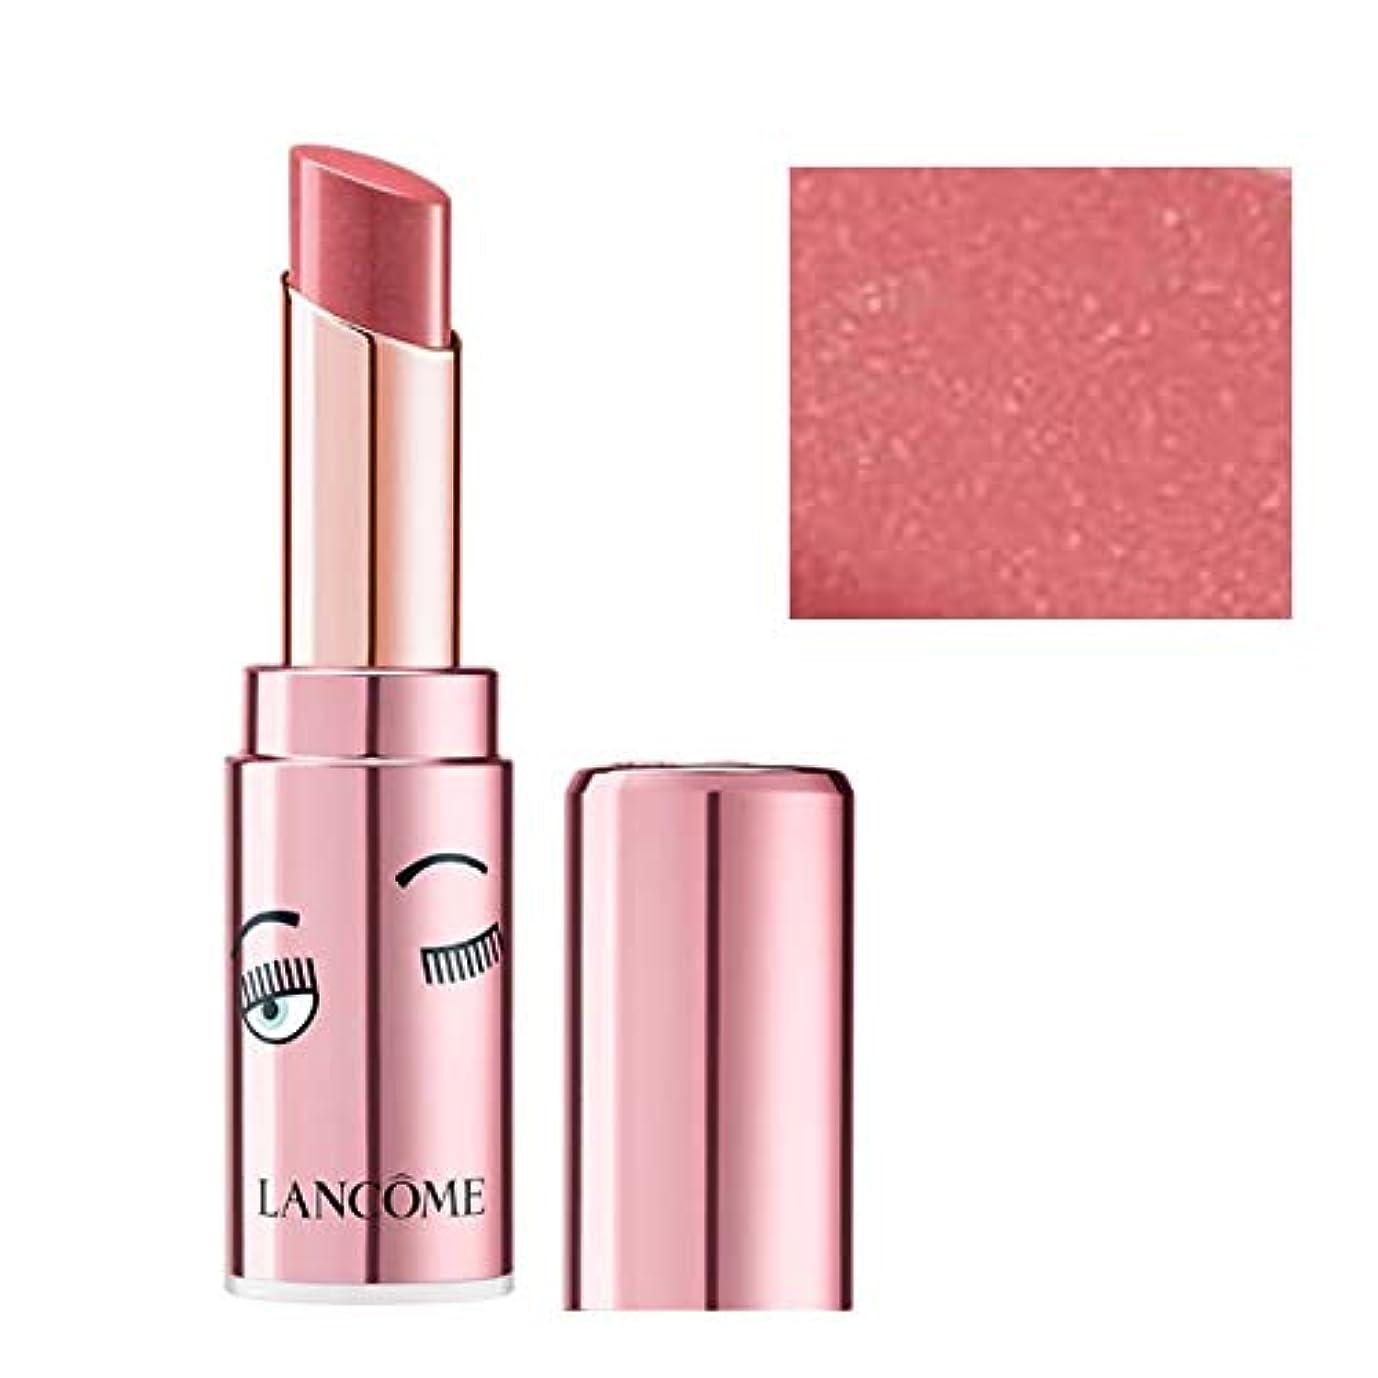 ホールド文明化するフレキシブルランコム(LANCOME), 限定版 limited-edition, x Chiara Ferragni L'Absolu Mademoiselle Shine Balm Lipstick - Independent...